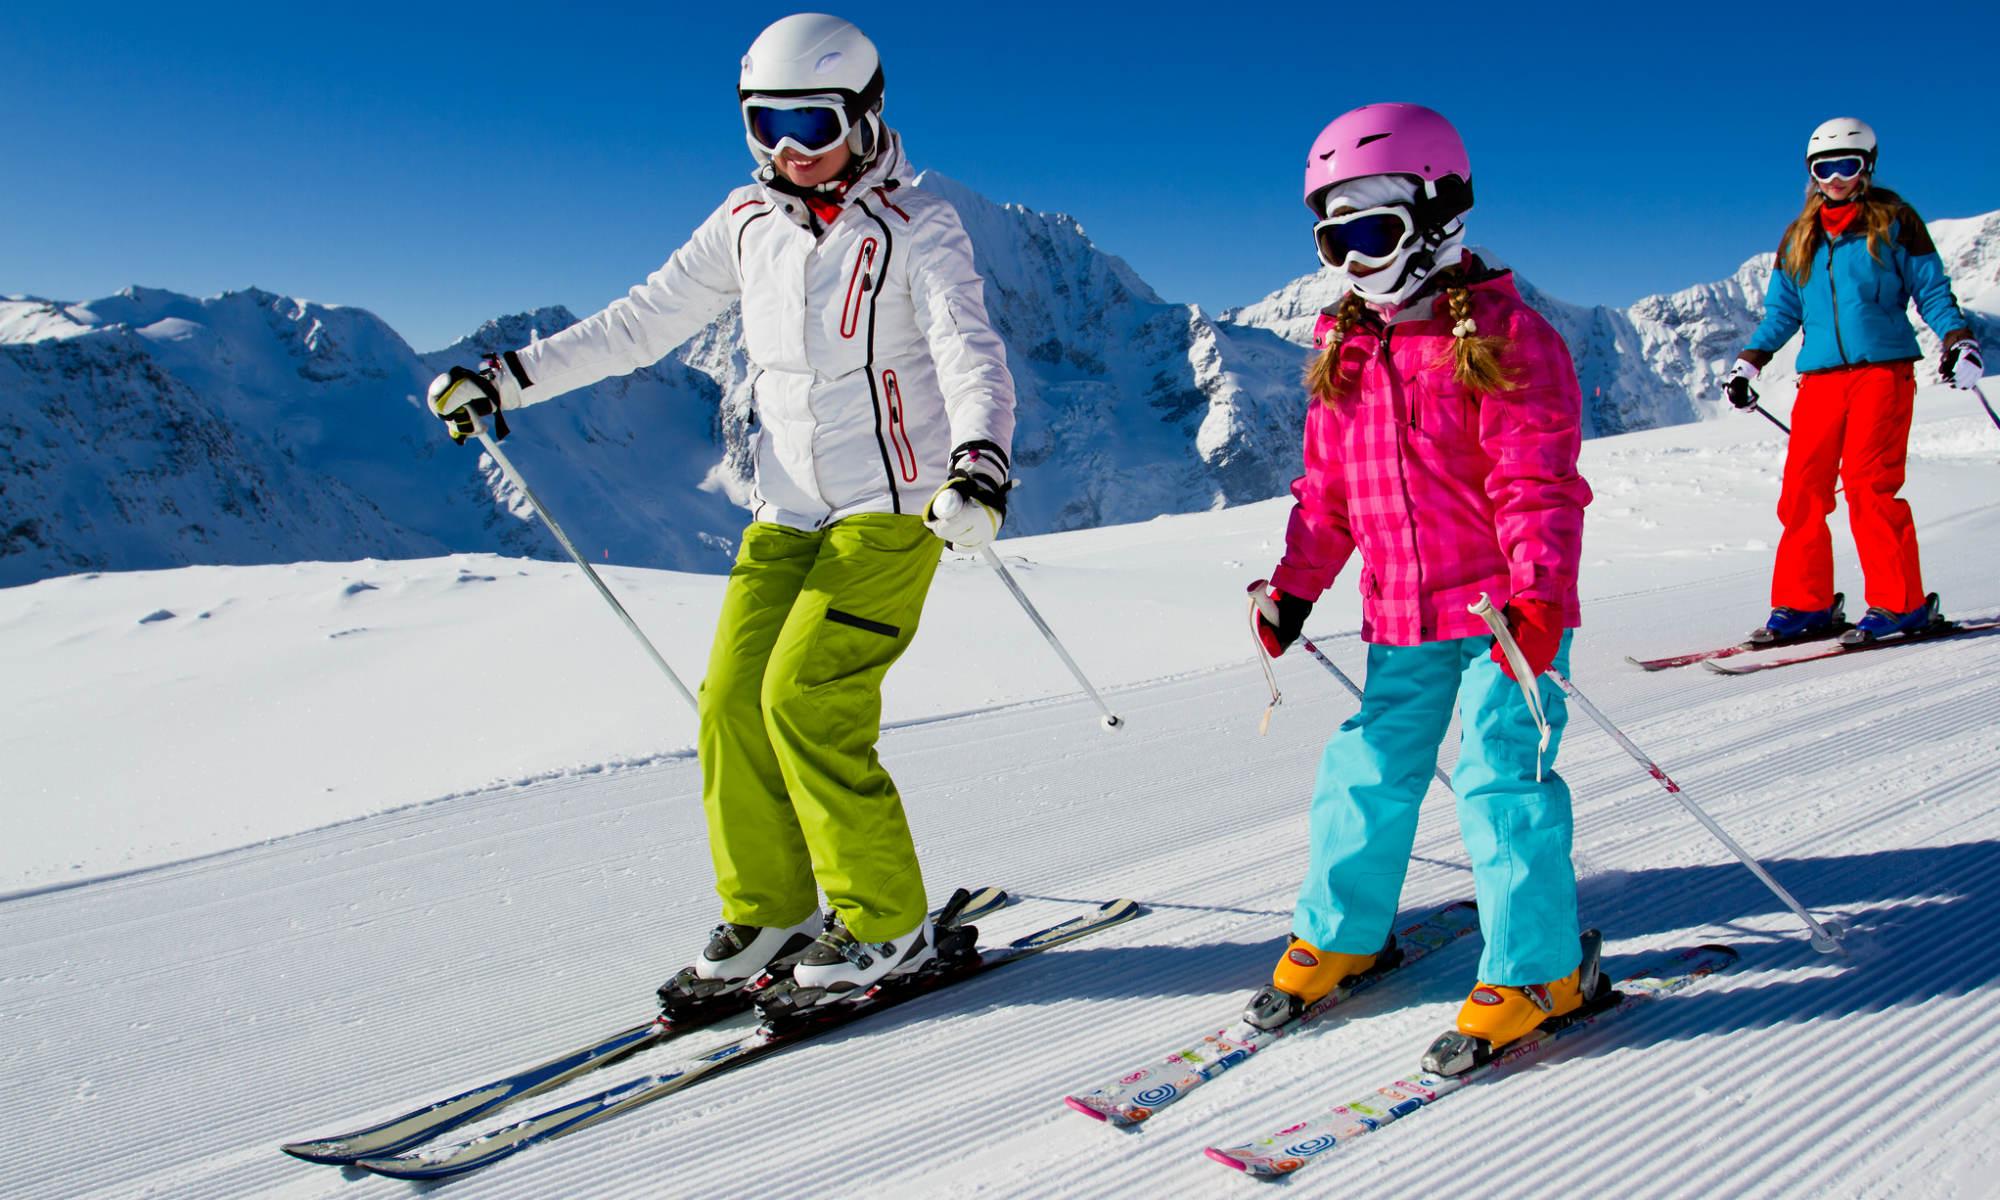 Familie beim Skifahren auf einer sonnigen Piste mit Bergpanorama im Hintergrund.